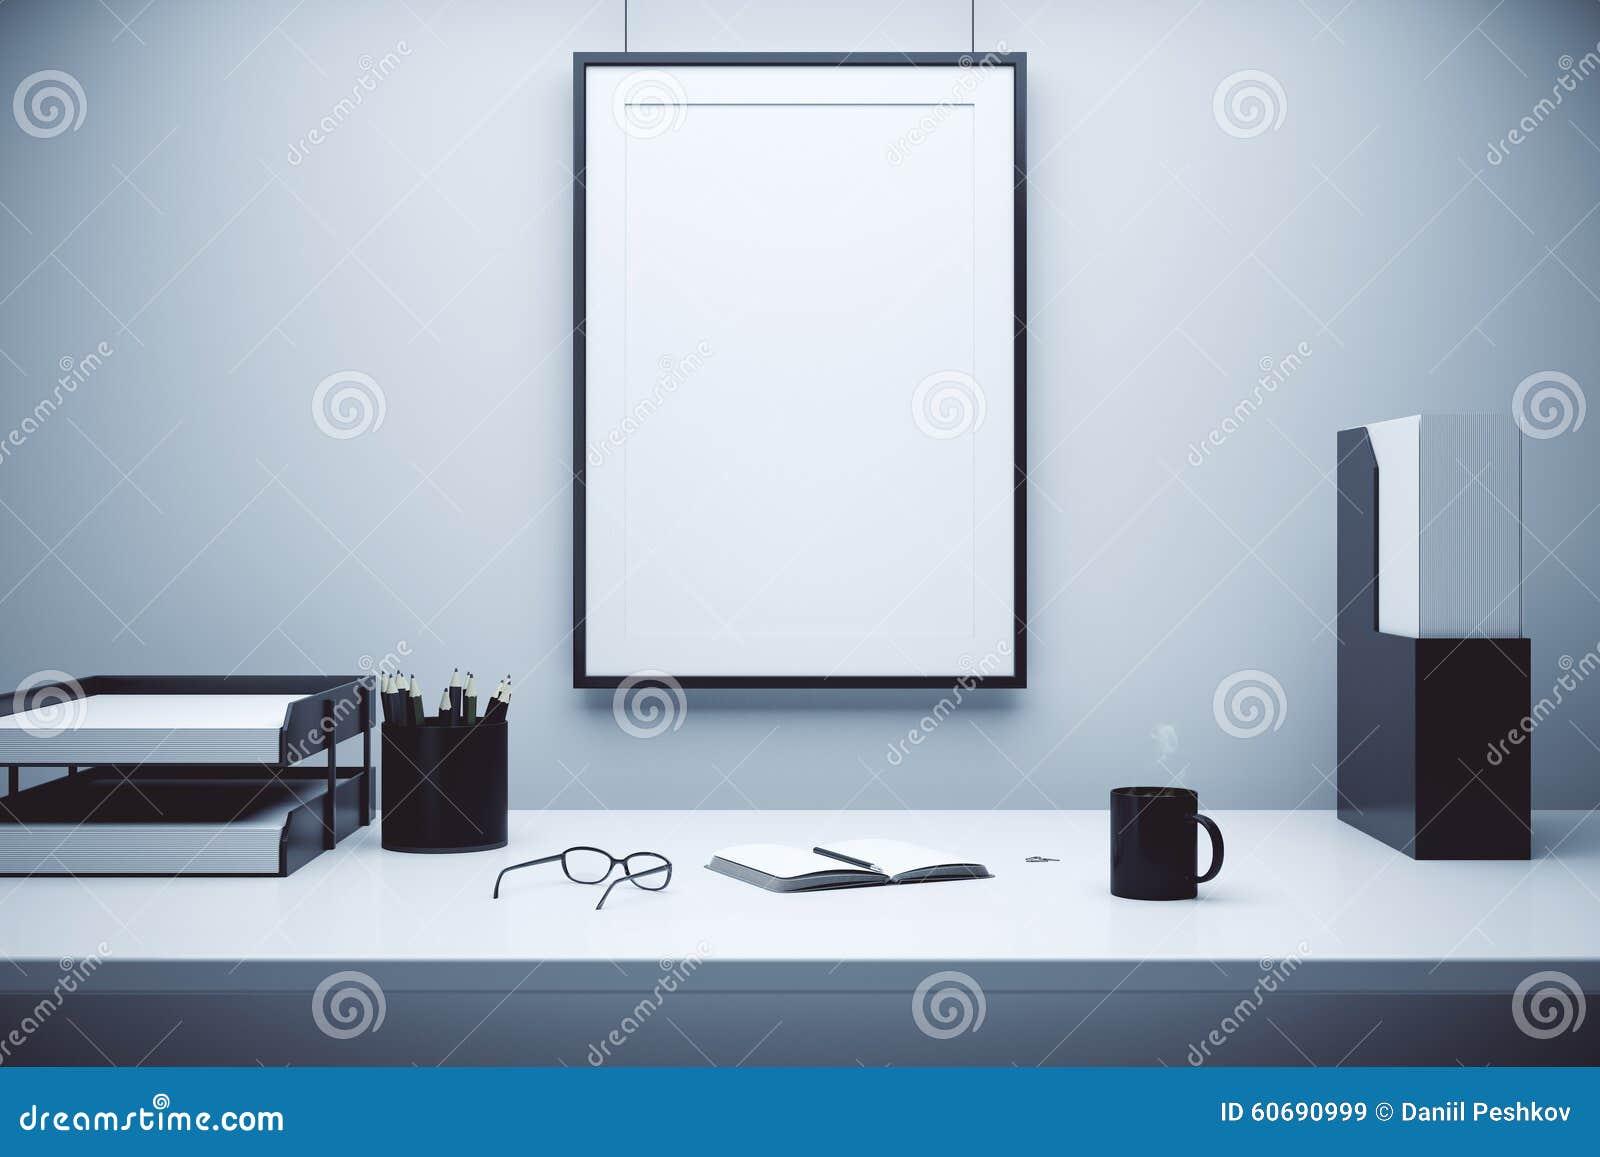 cadre de tableau vide sur un mur et une table avec des. Black Bedroom Furniture Sets. Home Design Ideas